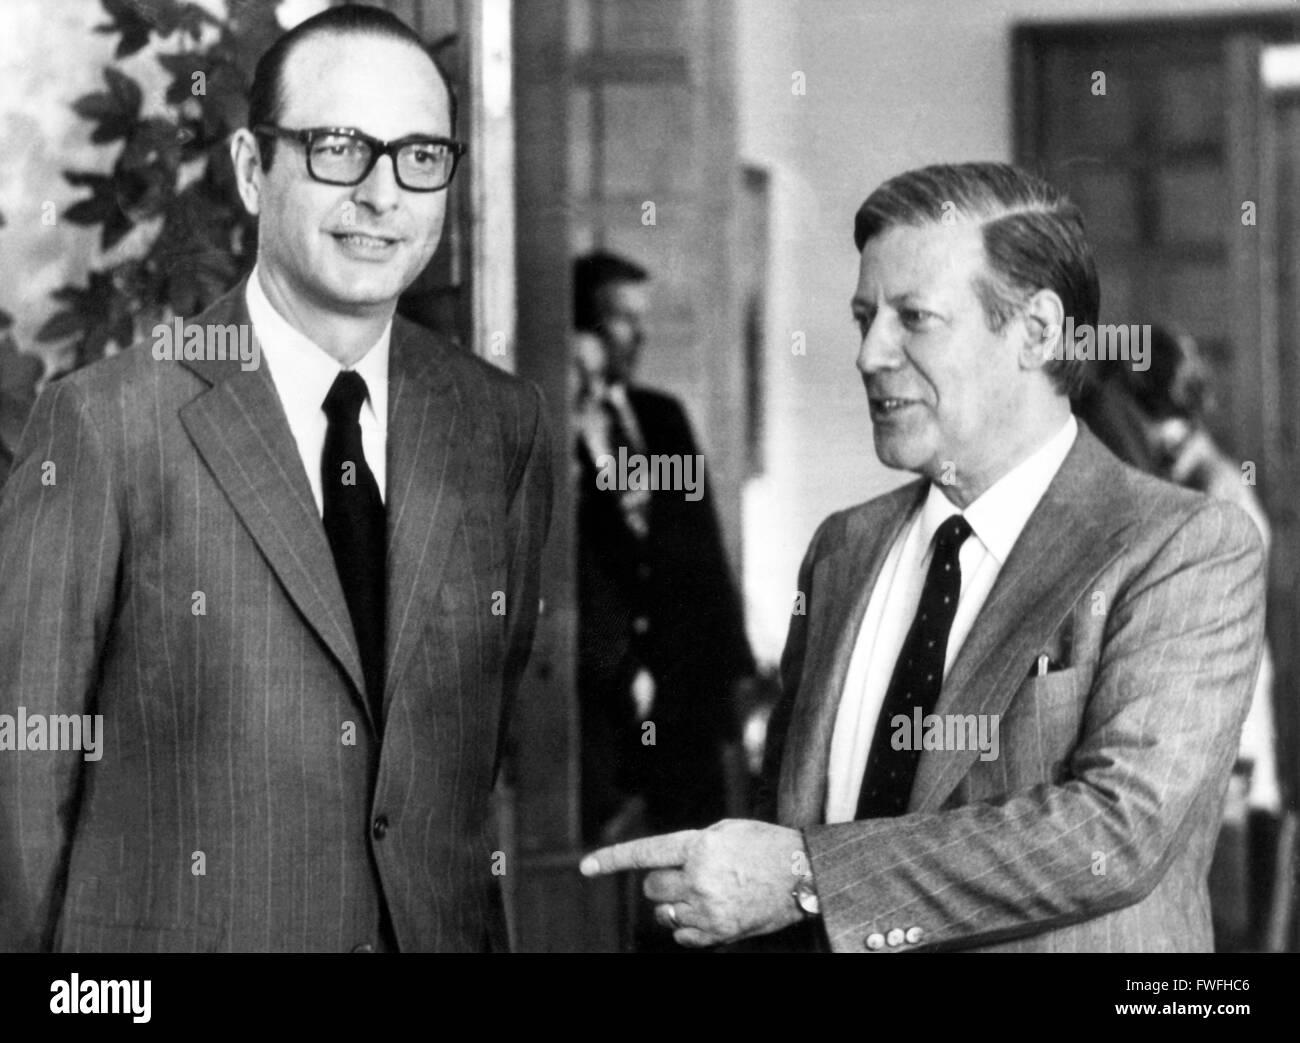 Le premier ministre français Jacques Chirac (g) et le chancelier allemand Helmut Schmidt (r) le 9 août 1974 à Bonn - consultations franco-allemandes. Banque D'Images